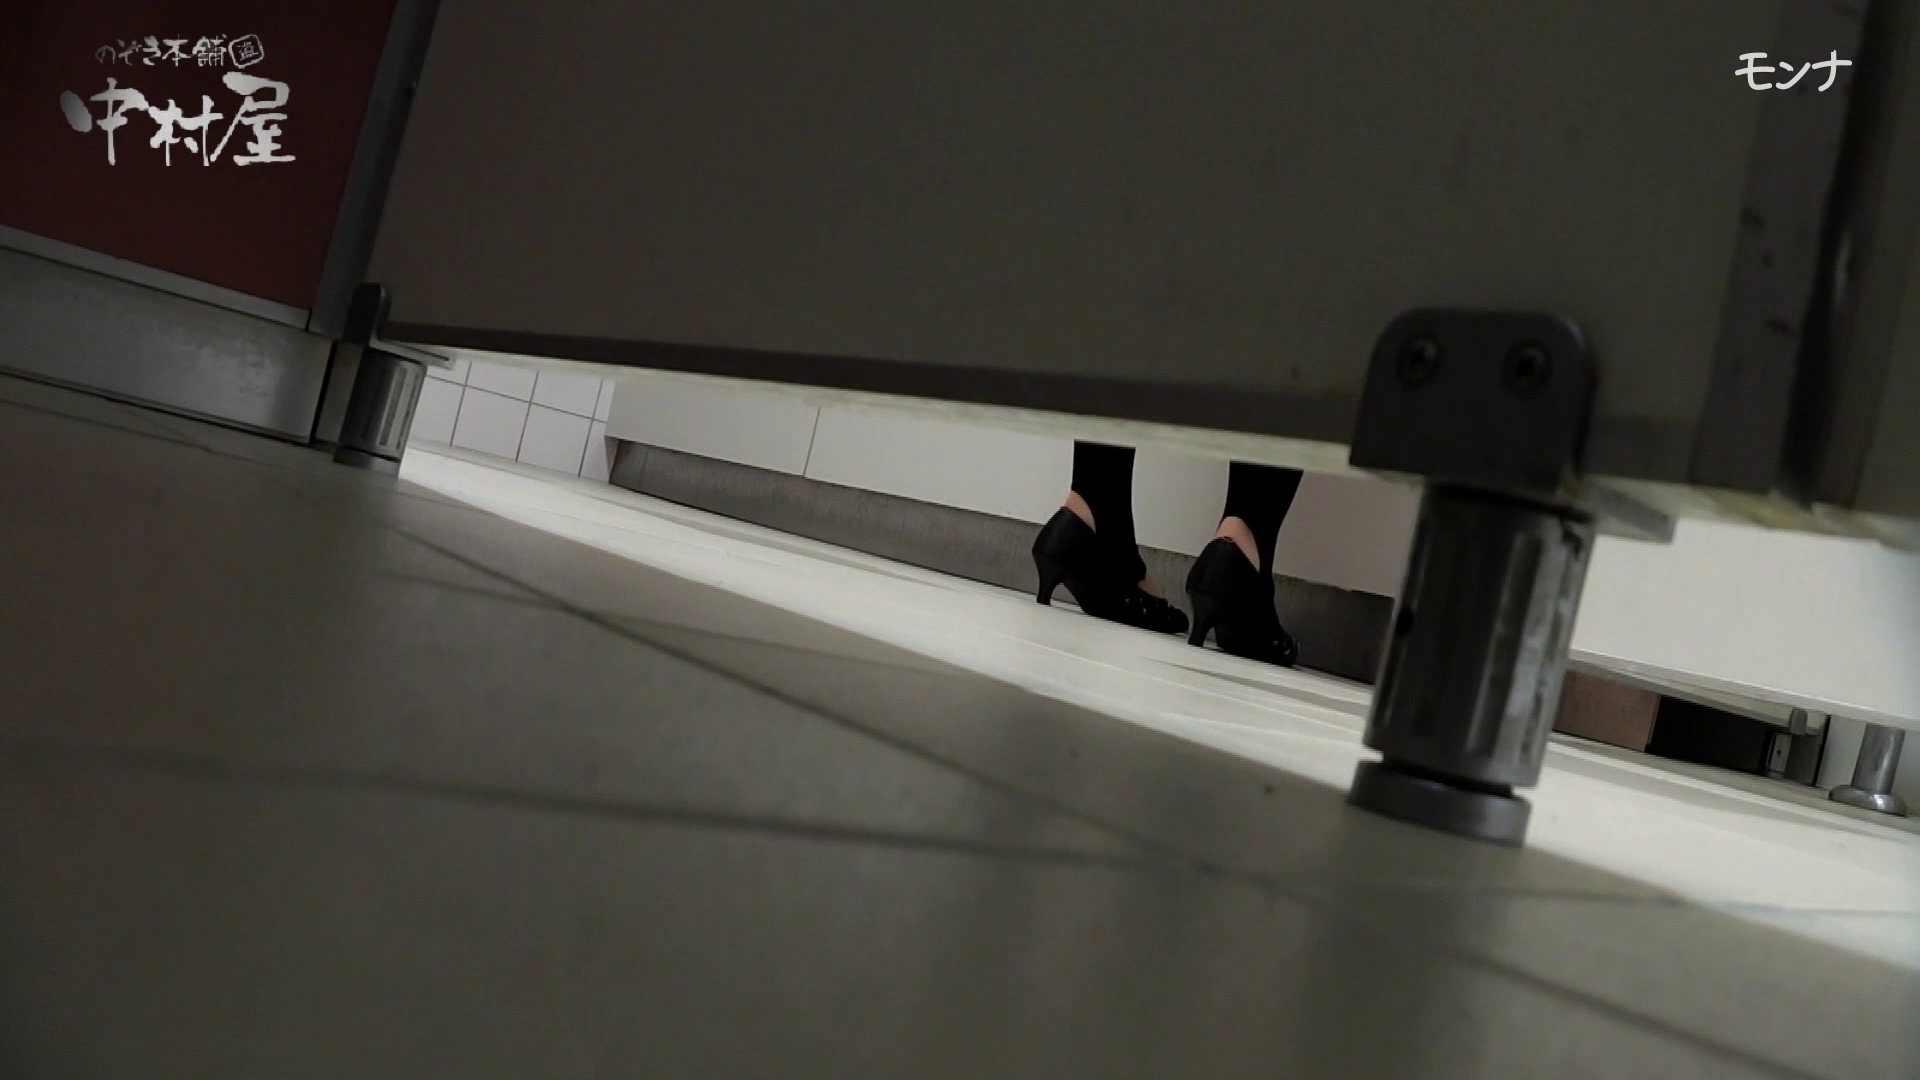 美しい日本の未来 No.49 何があった?カメラ持ちながらみんなの前に!潜り抜け 後編 覗き 盗撮ヌード画像 45PICs 23